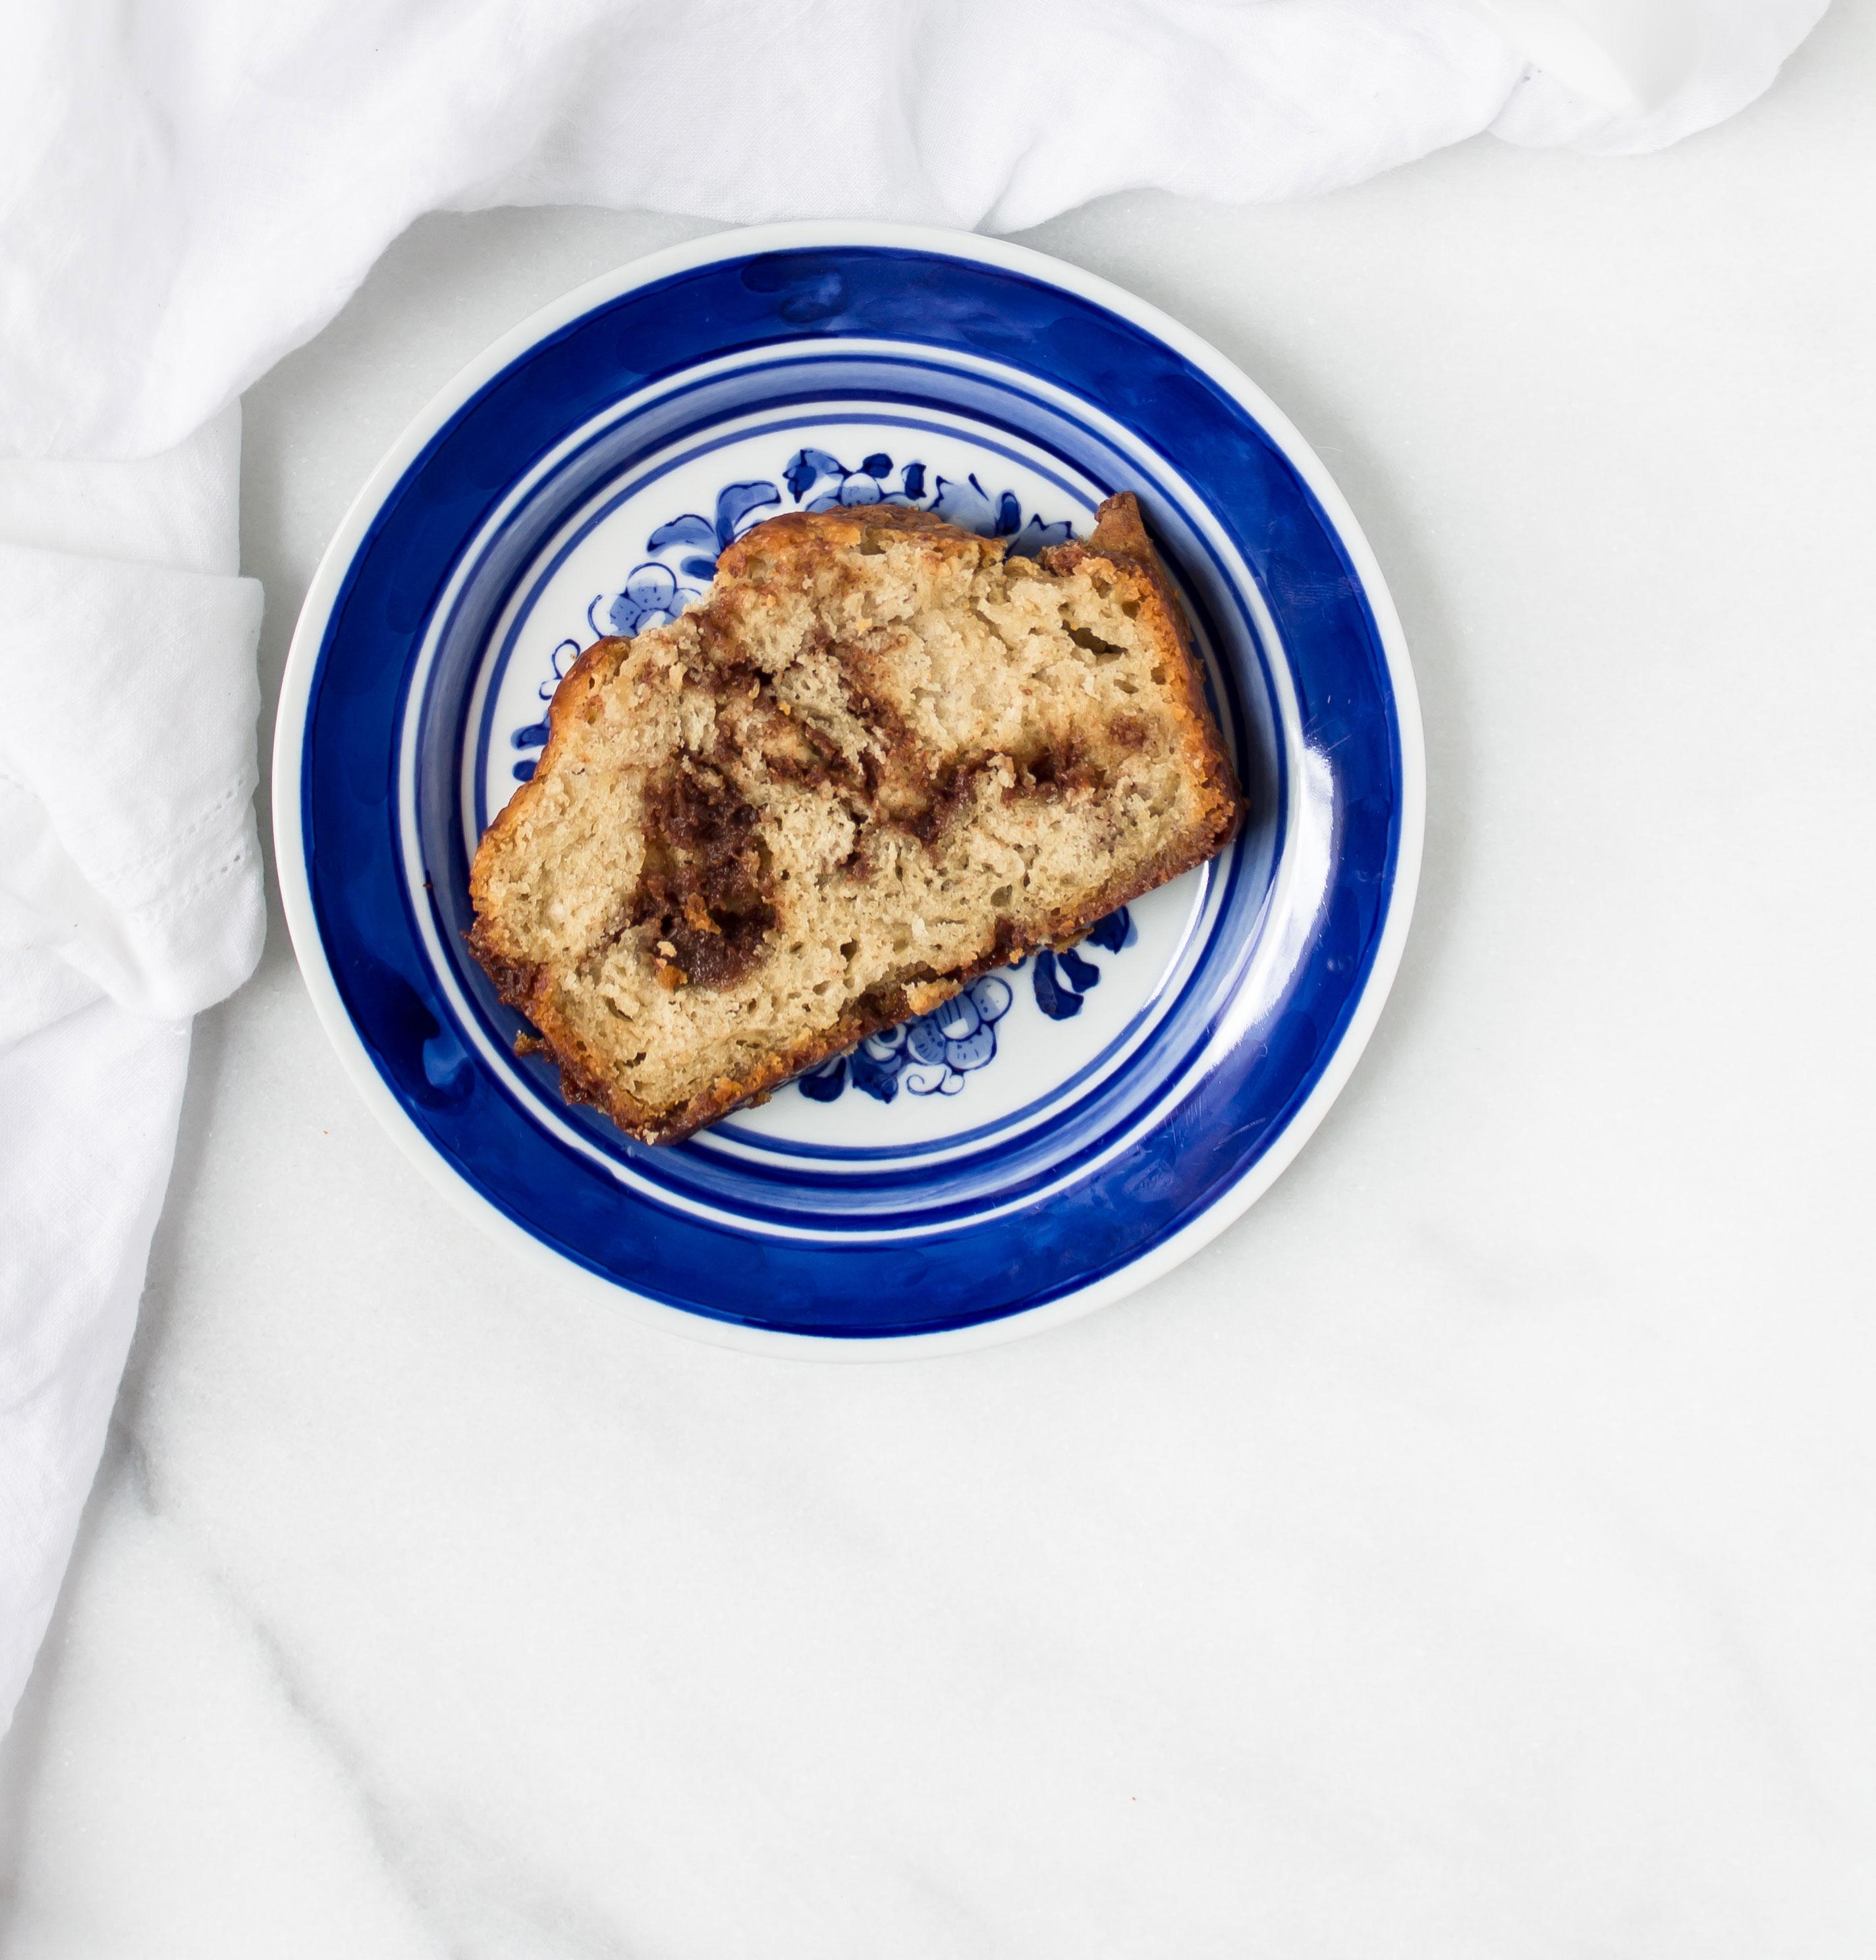 How to Make Homemade Cinnamon Streusel Scone Bread. Click through for the recipe. | glitterinc.com | @glitterinc